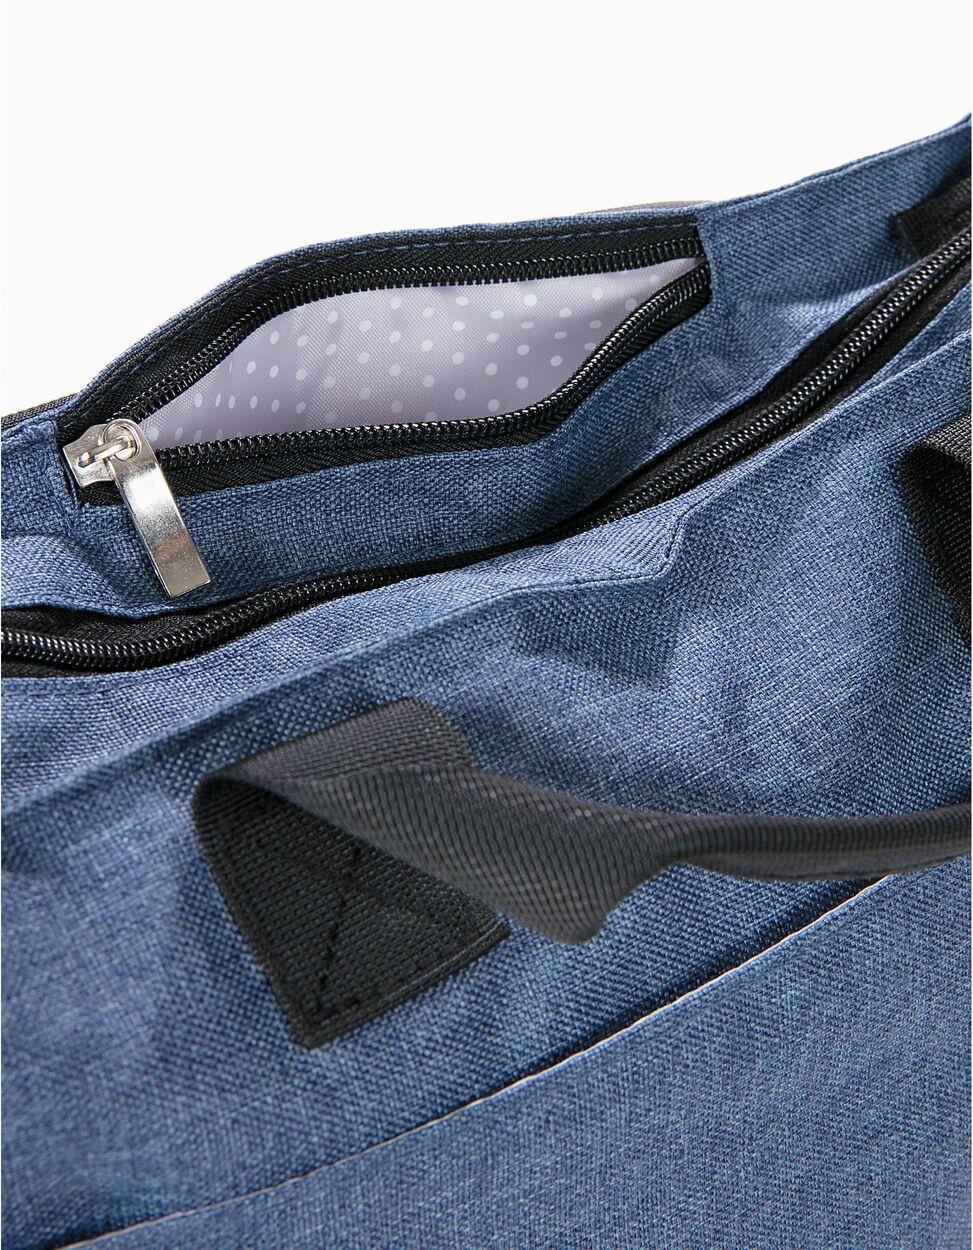 Saco de Passeio 35x42x11 cm Pocket Zy Safe